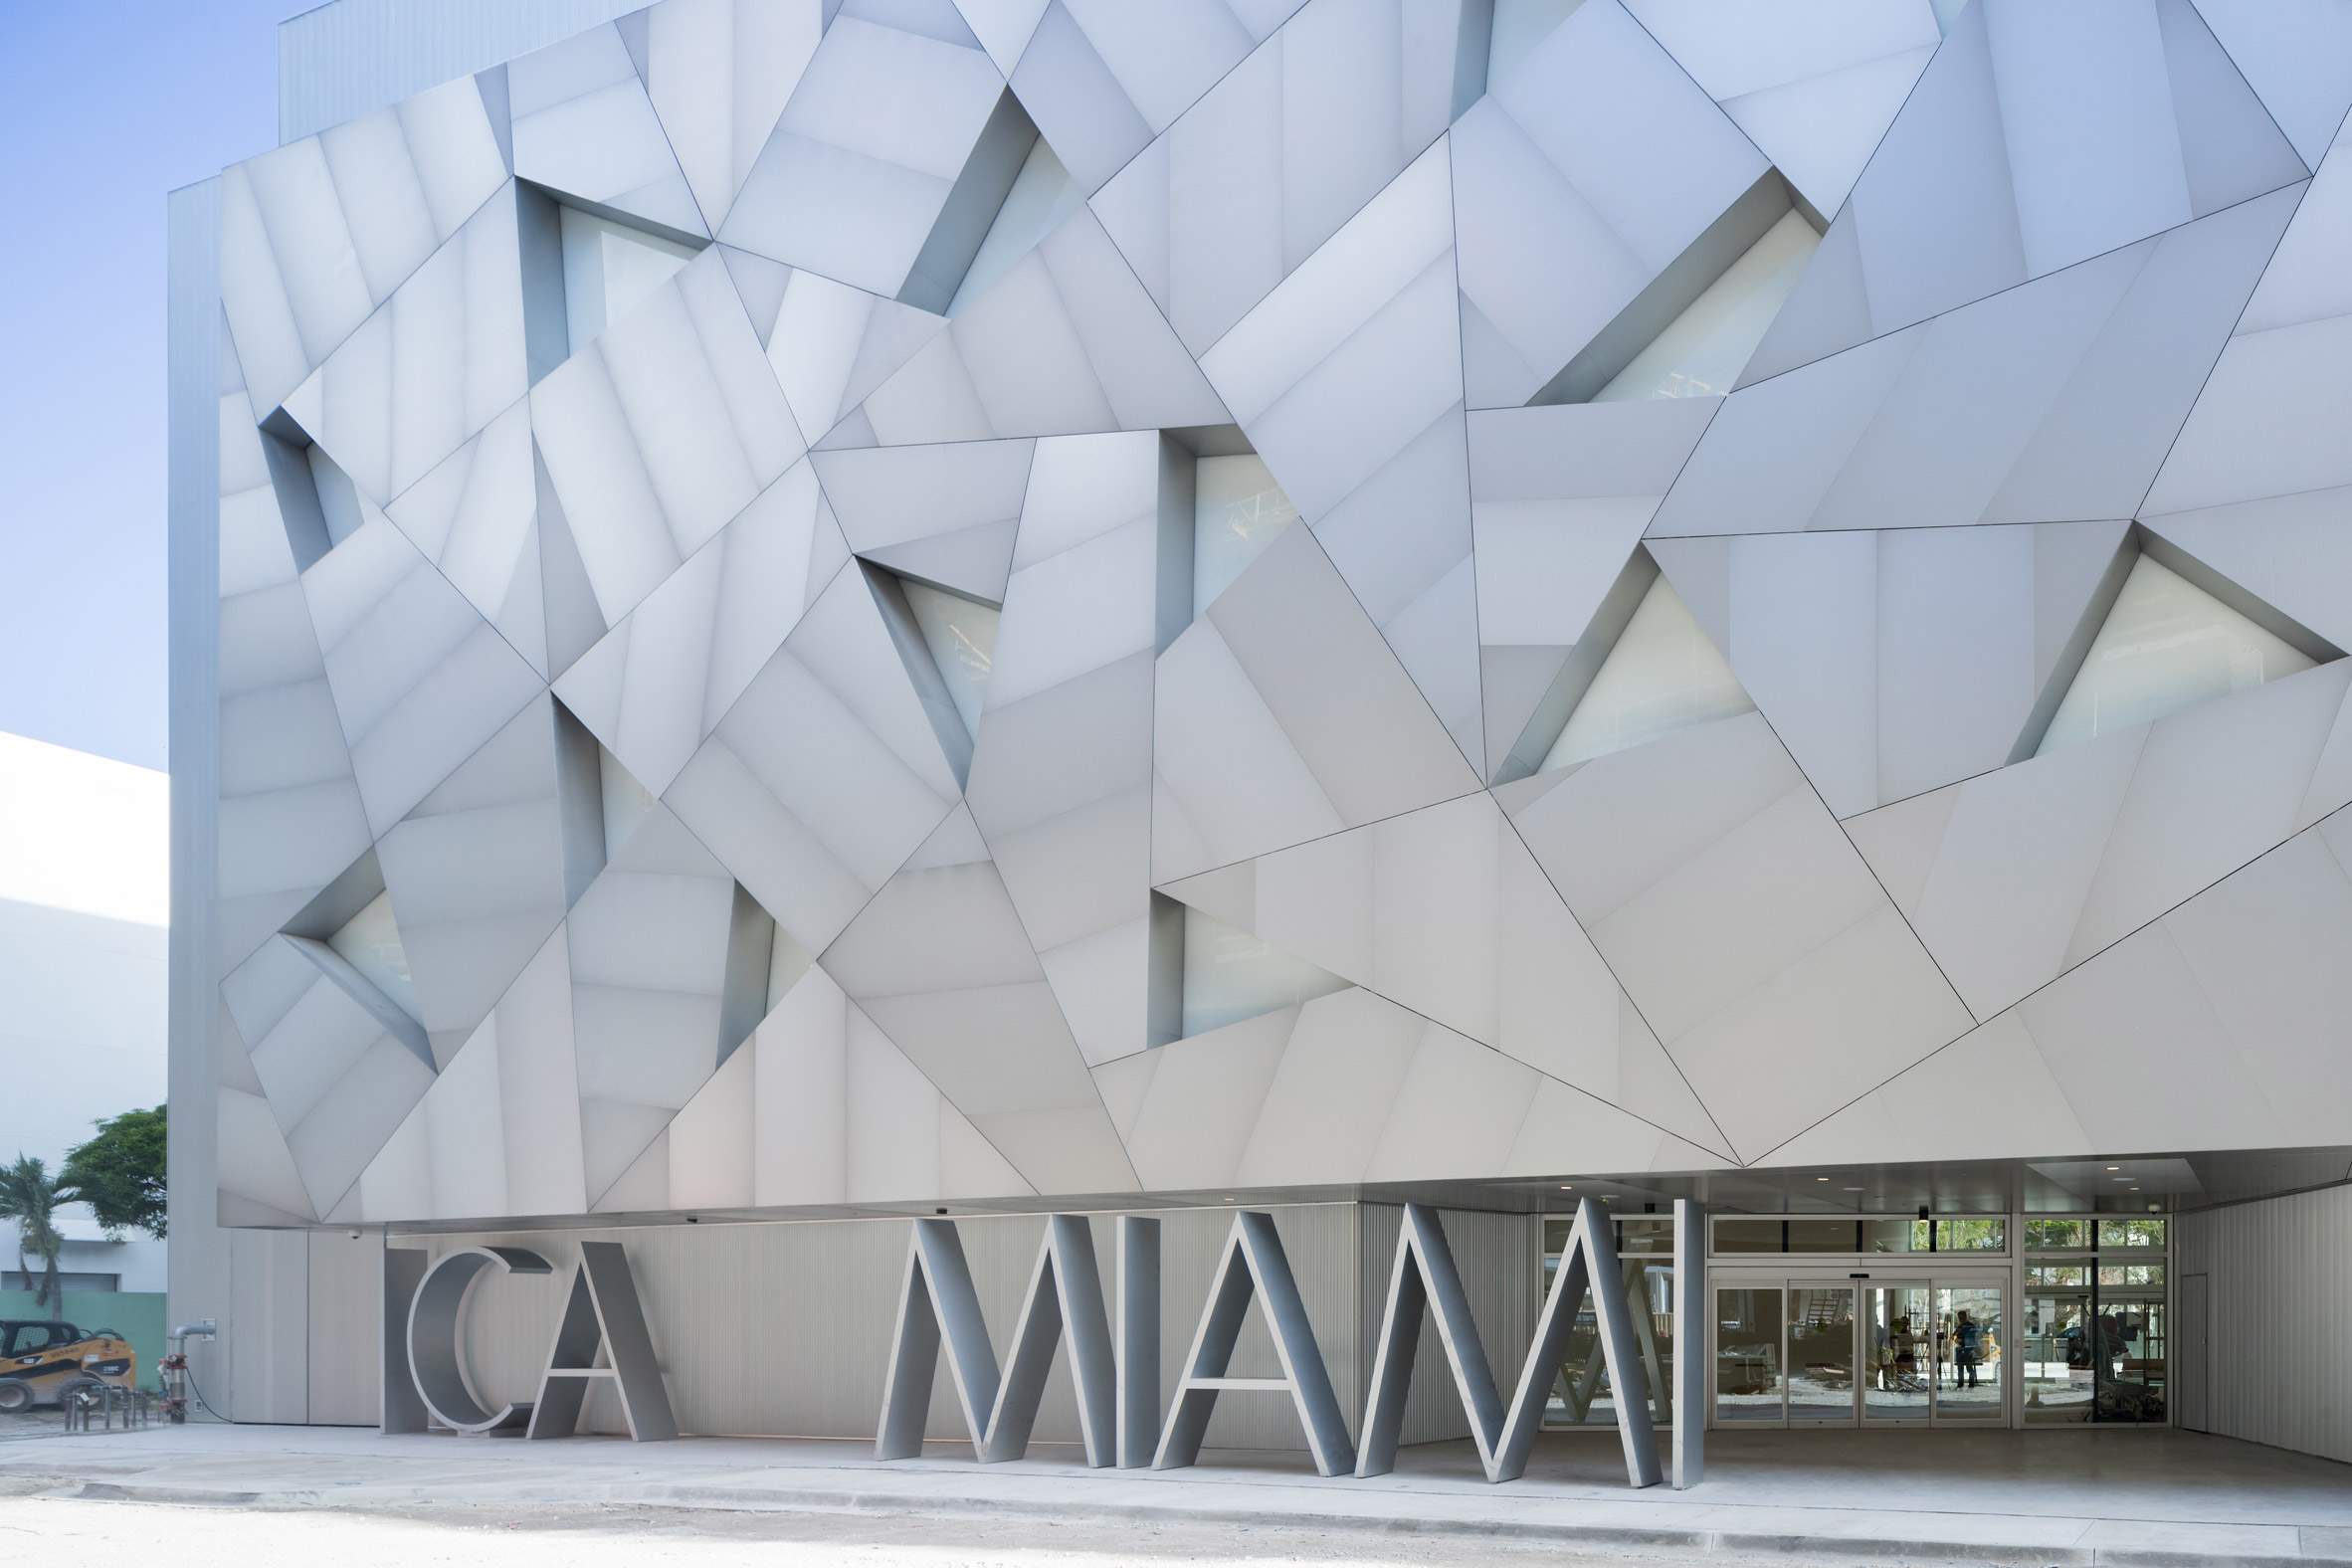 Institute of Contemporary Art Miami by Aranguren + Gallegos Arquitectos